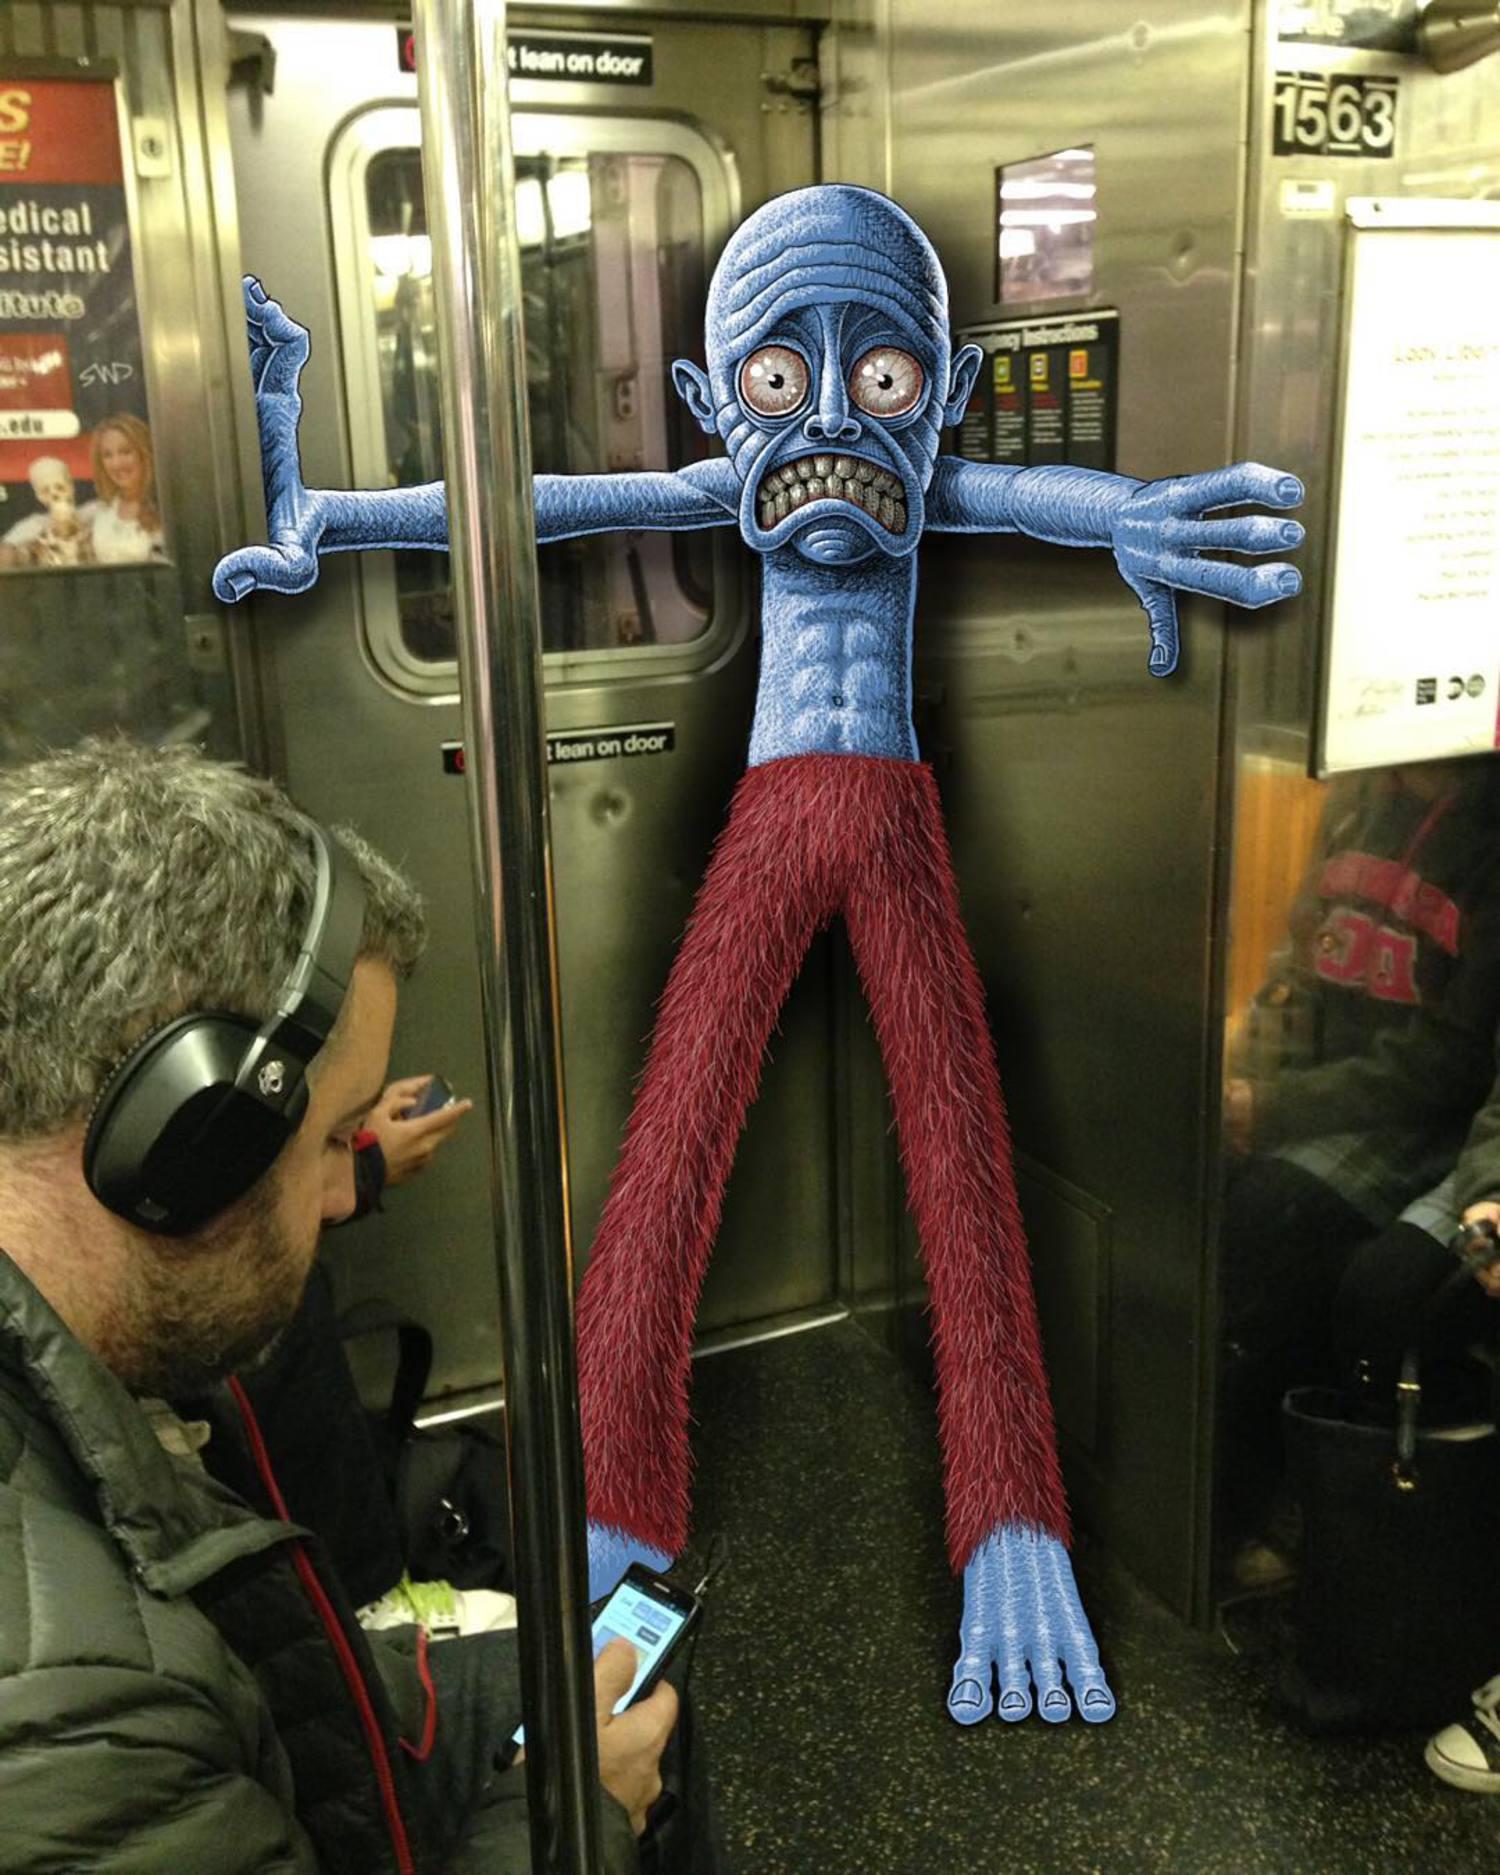 #subwaydoodle #subway #doodle #swd #morningcommute #nyc